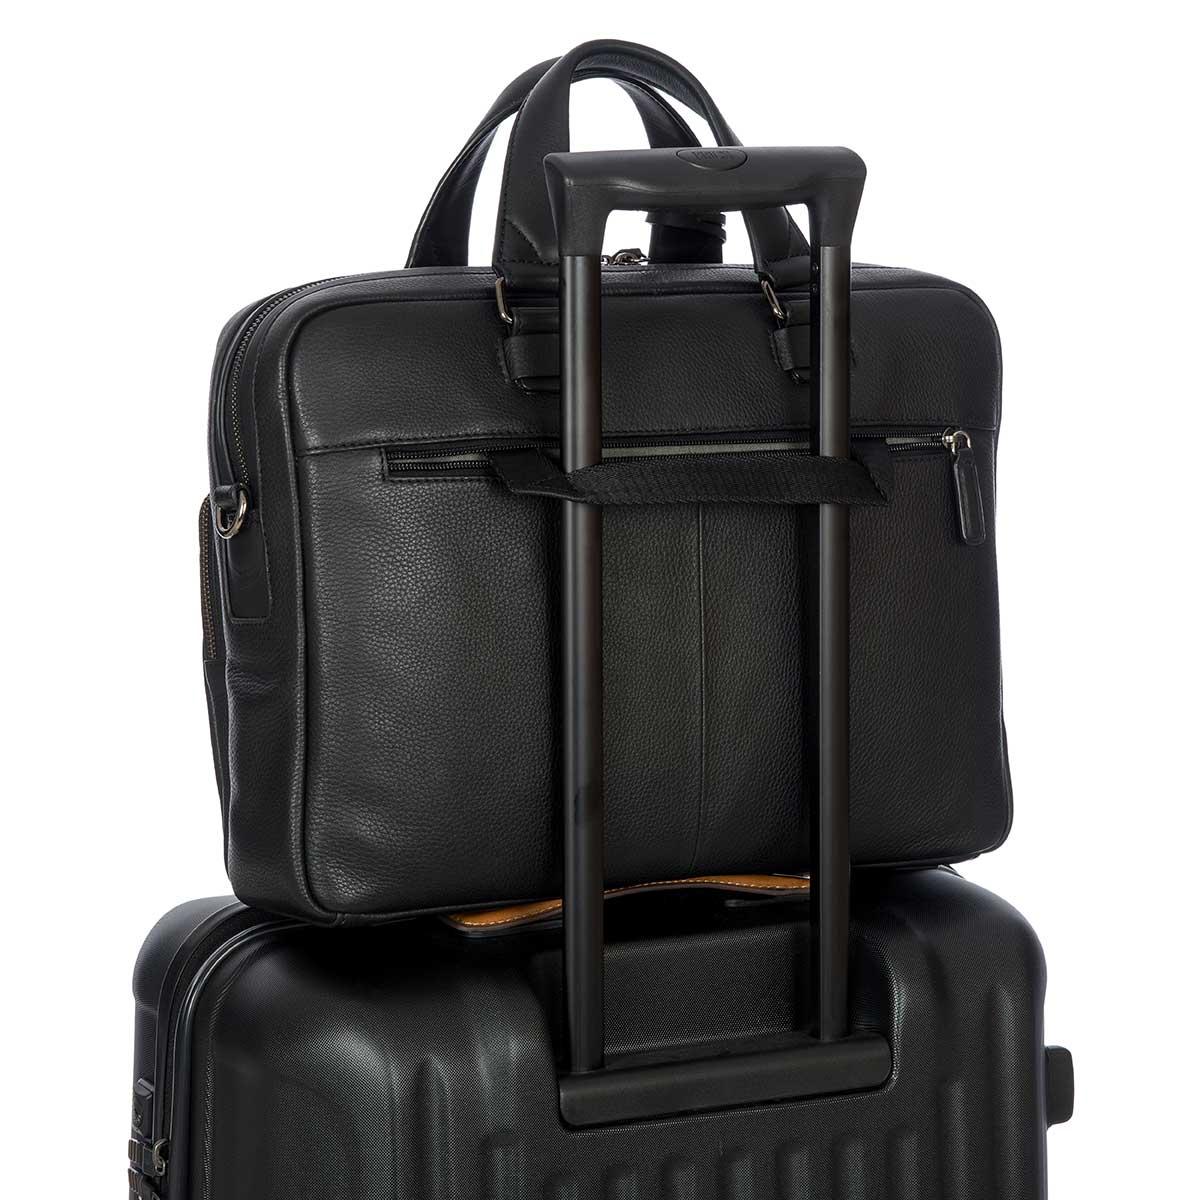 41e0fcaa91c6 Torino Business Briefcase – Black